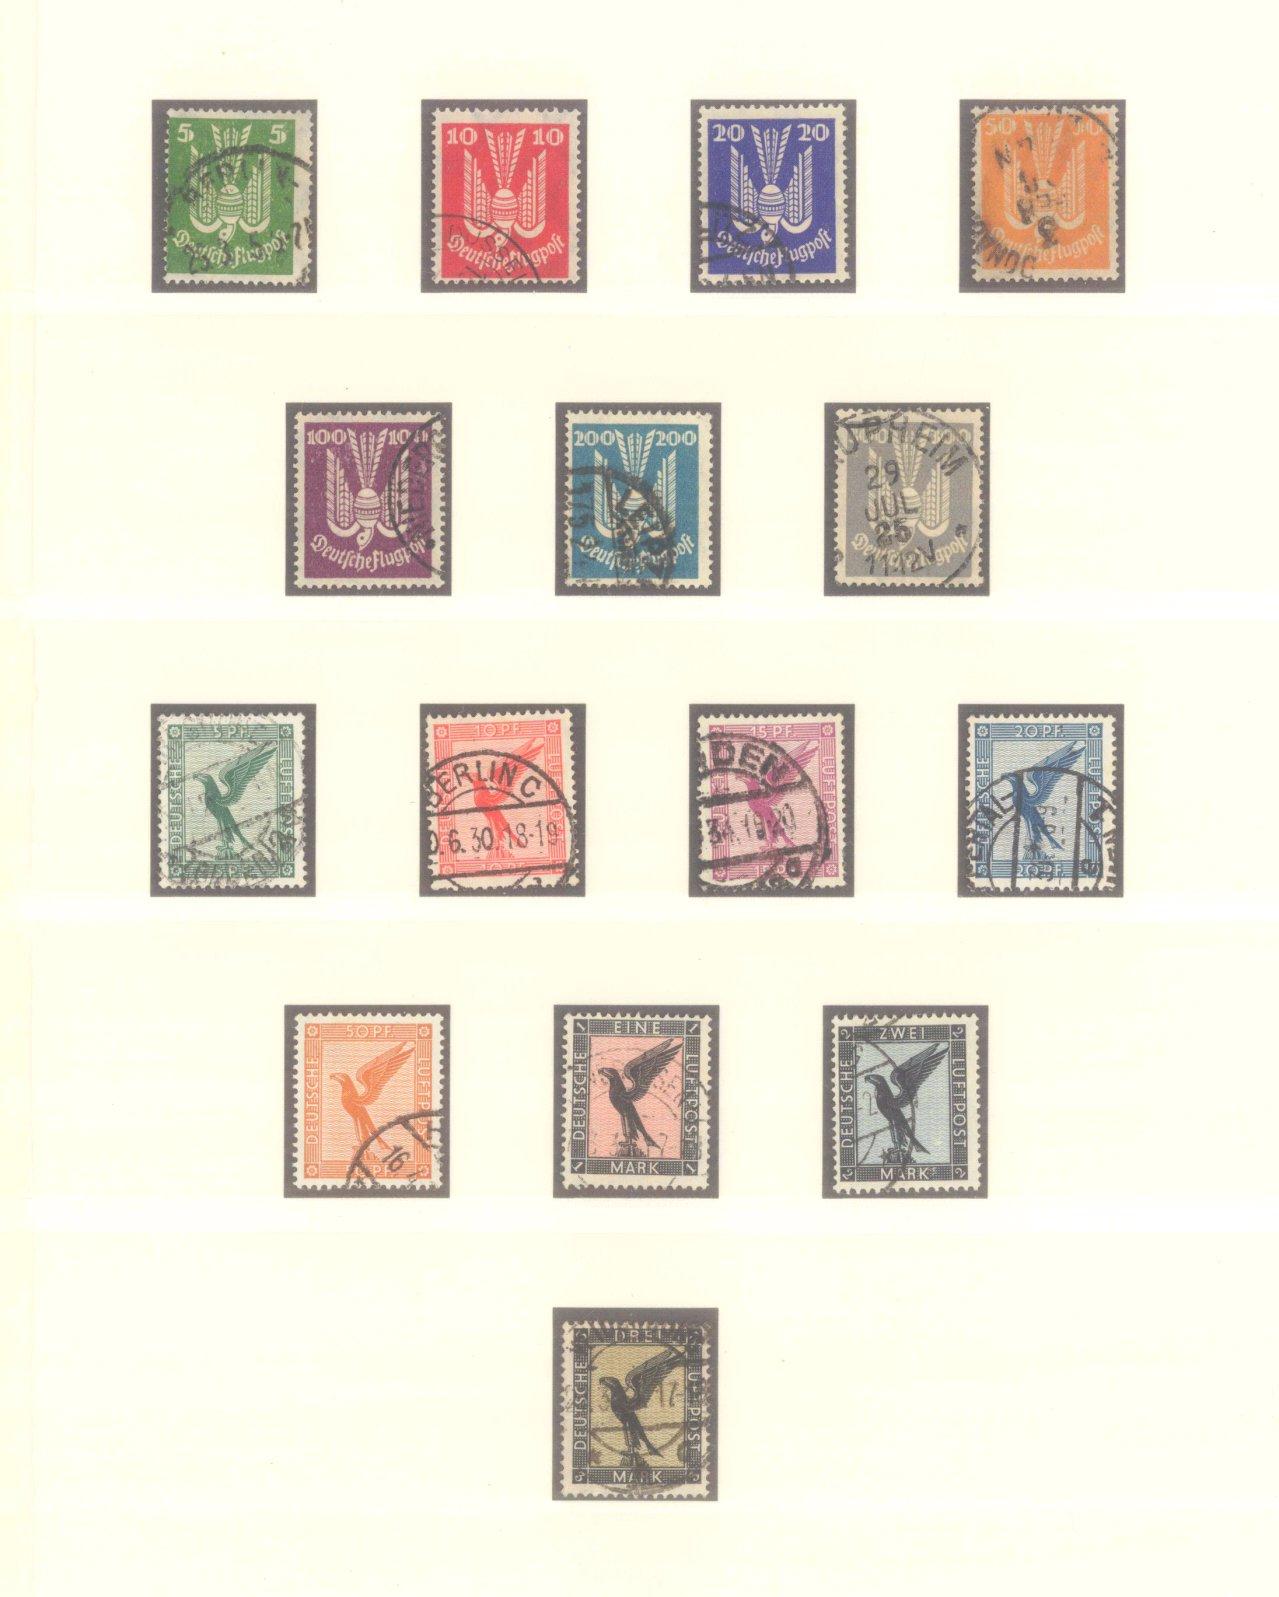 DEUTSCHES REICH – WEIMARER REPUBLIK 1923-1933